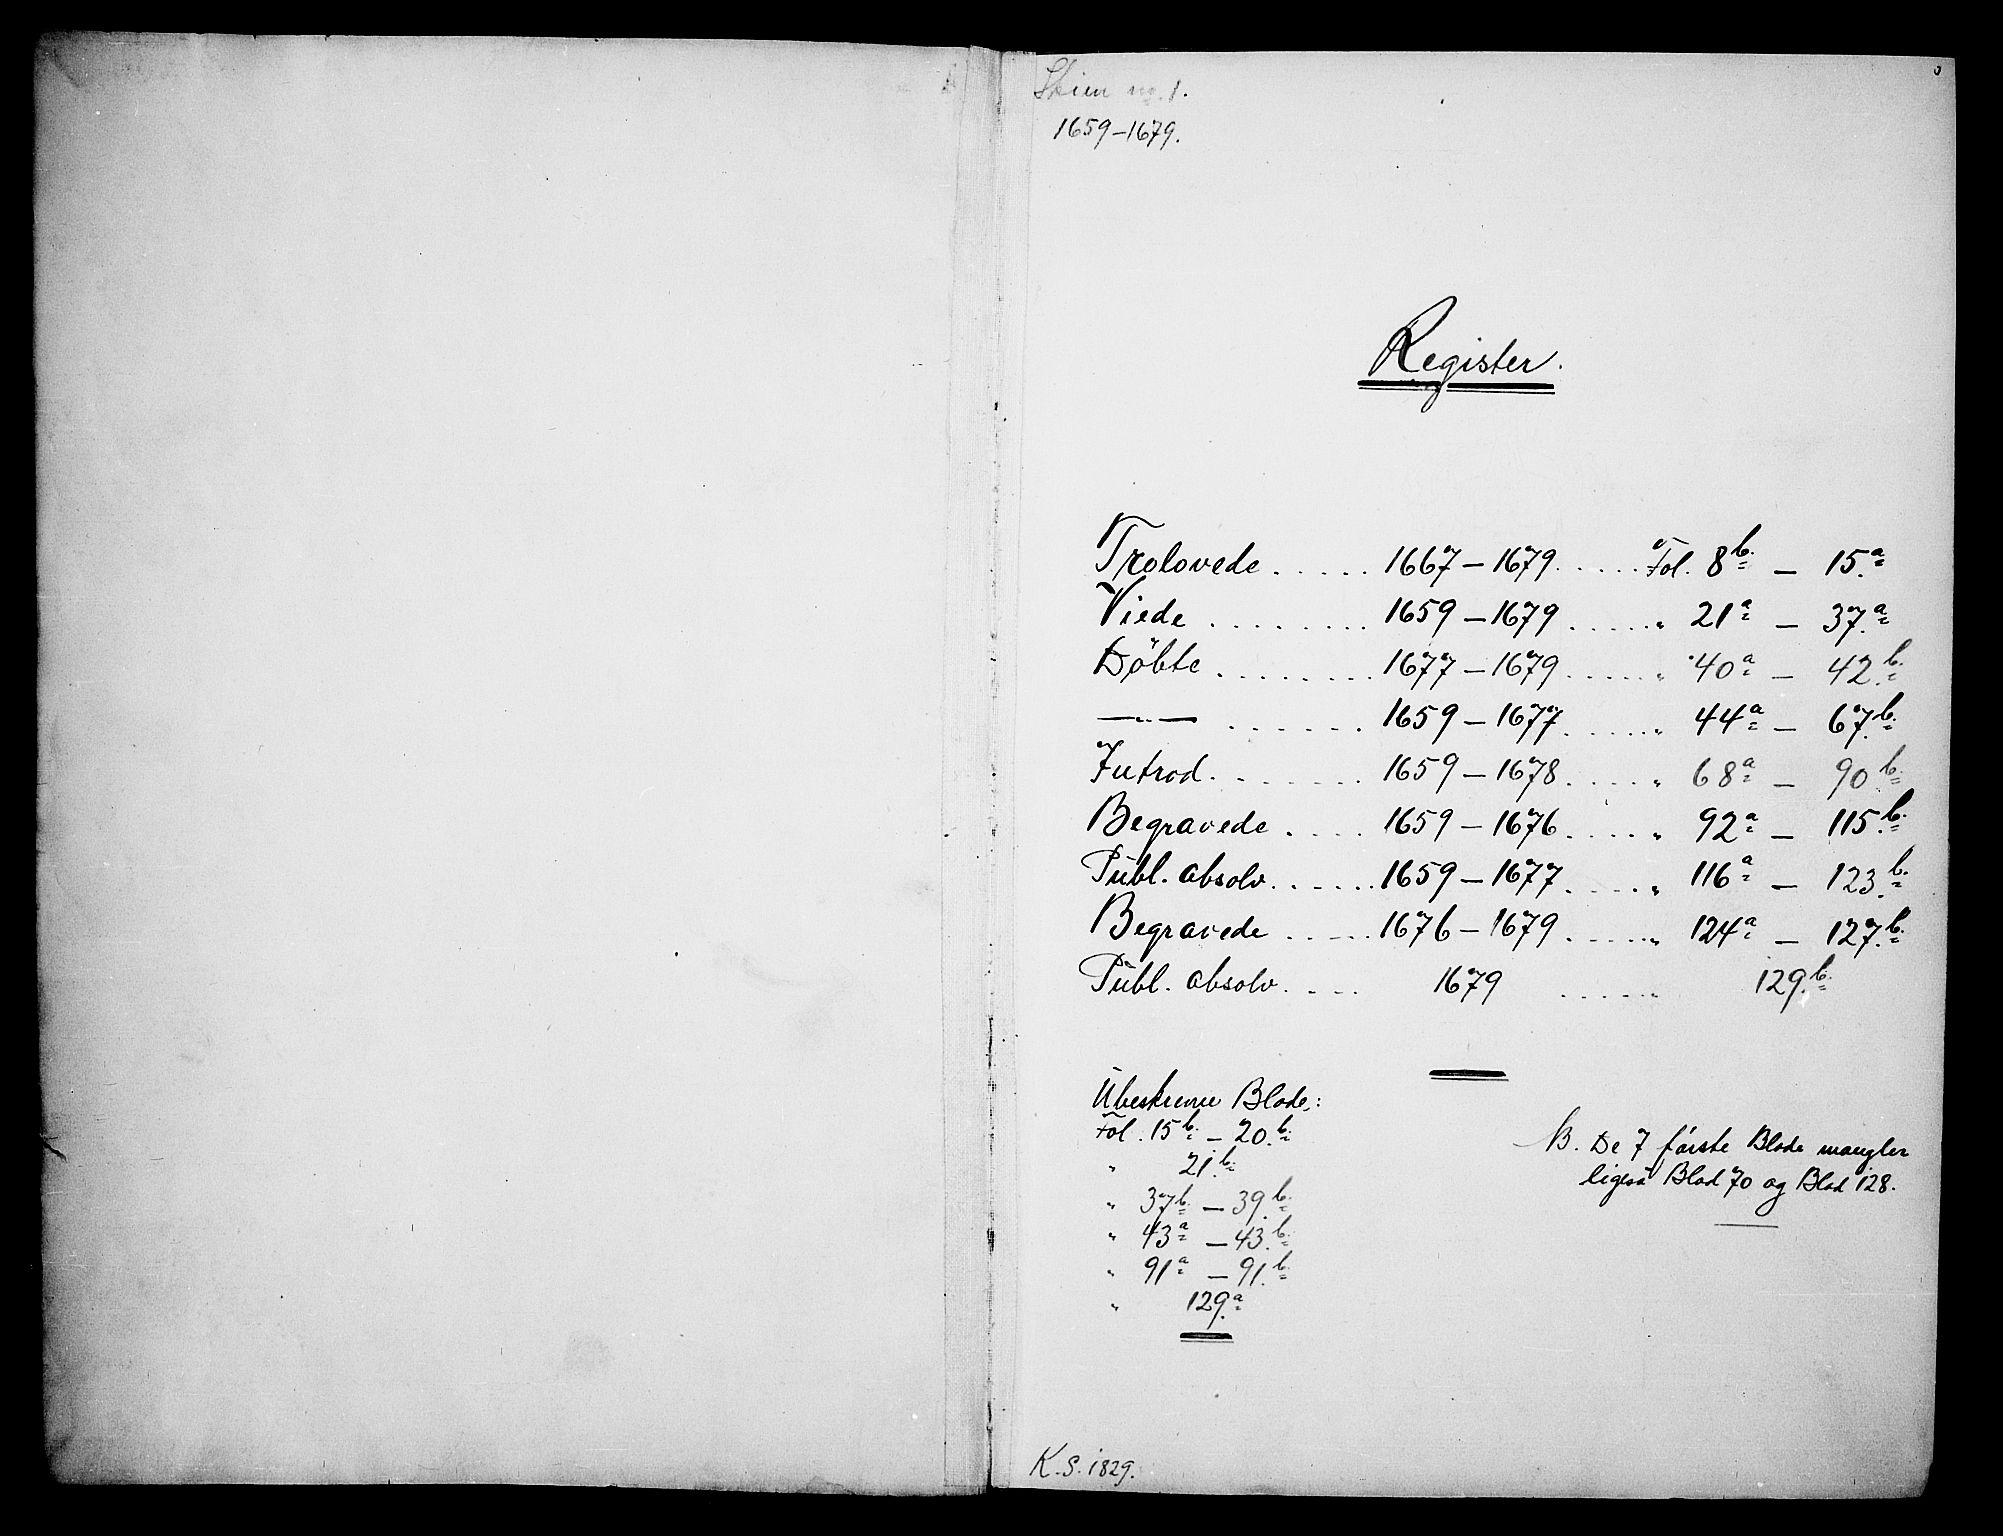 SAKO, Skien kirkebøker, F/Fa/L0001: Ministerialbok nr. 1, 1659-1679